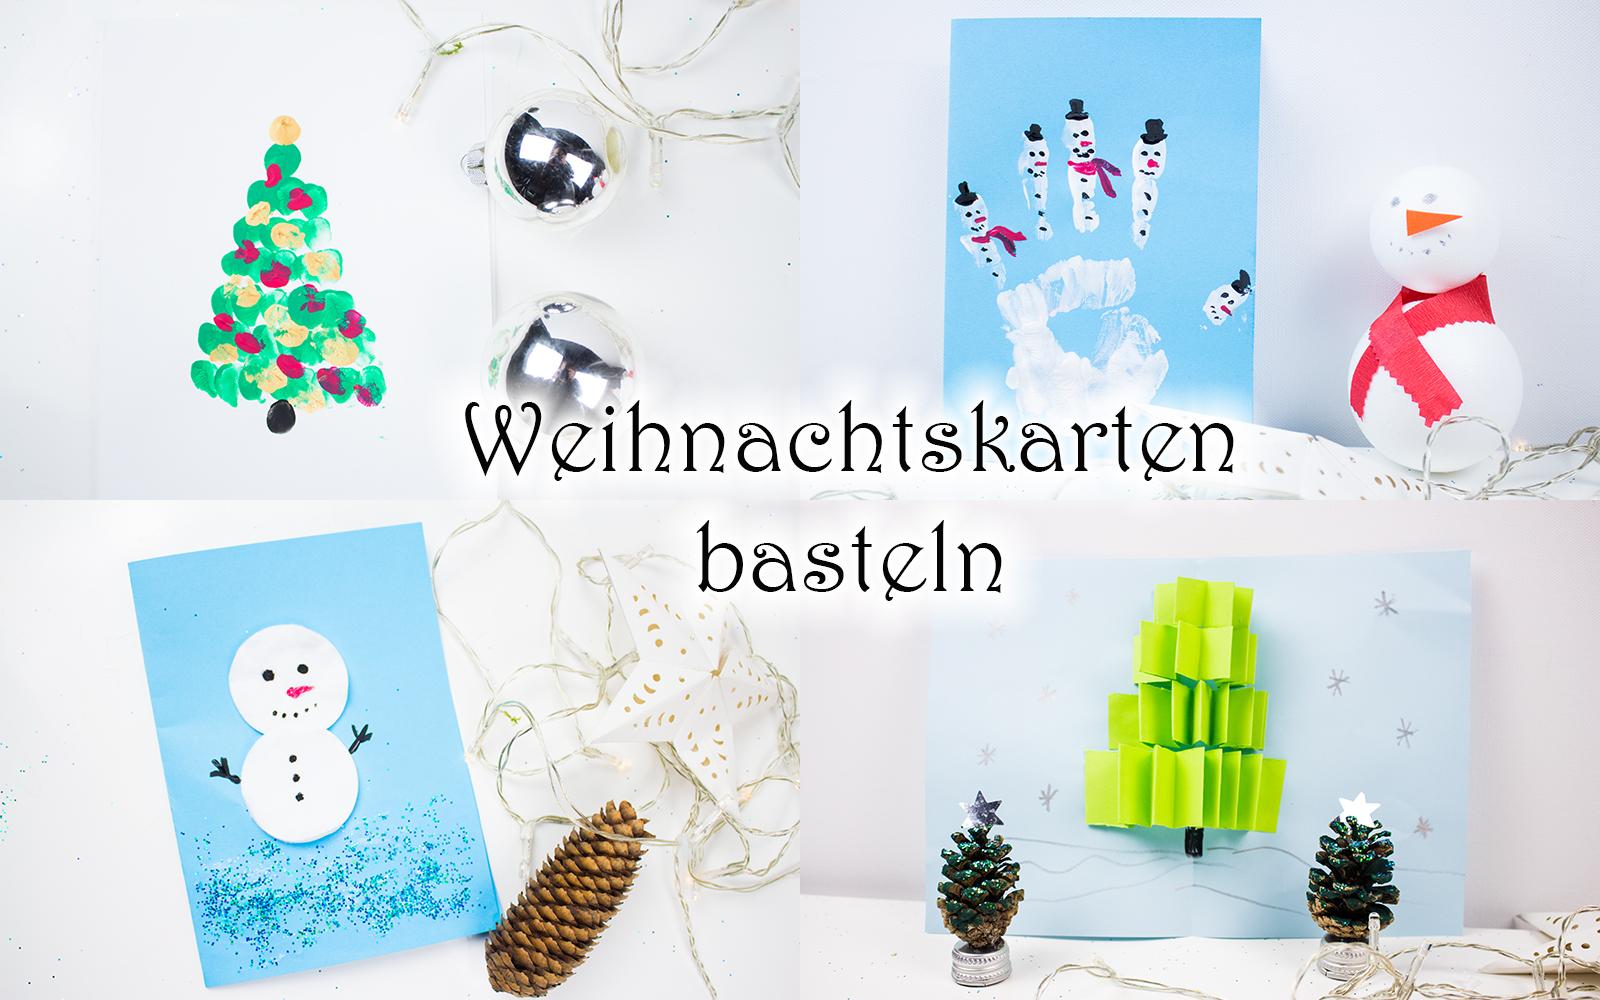 Weihnachtskarten basteln mit kindern 5 schnelle ideen for Weihnachtskarten mit kindern basteln